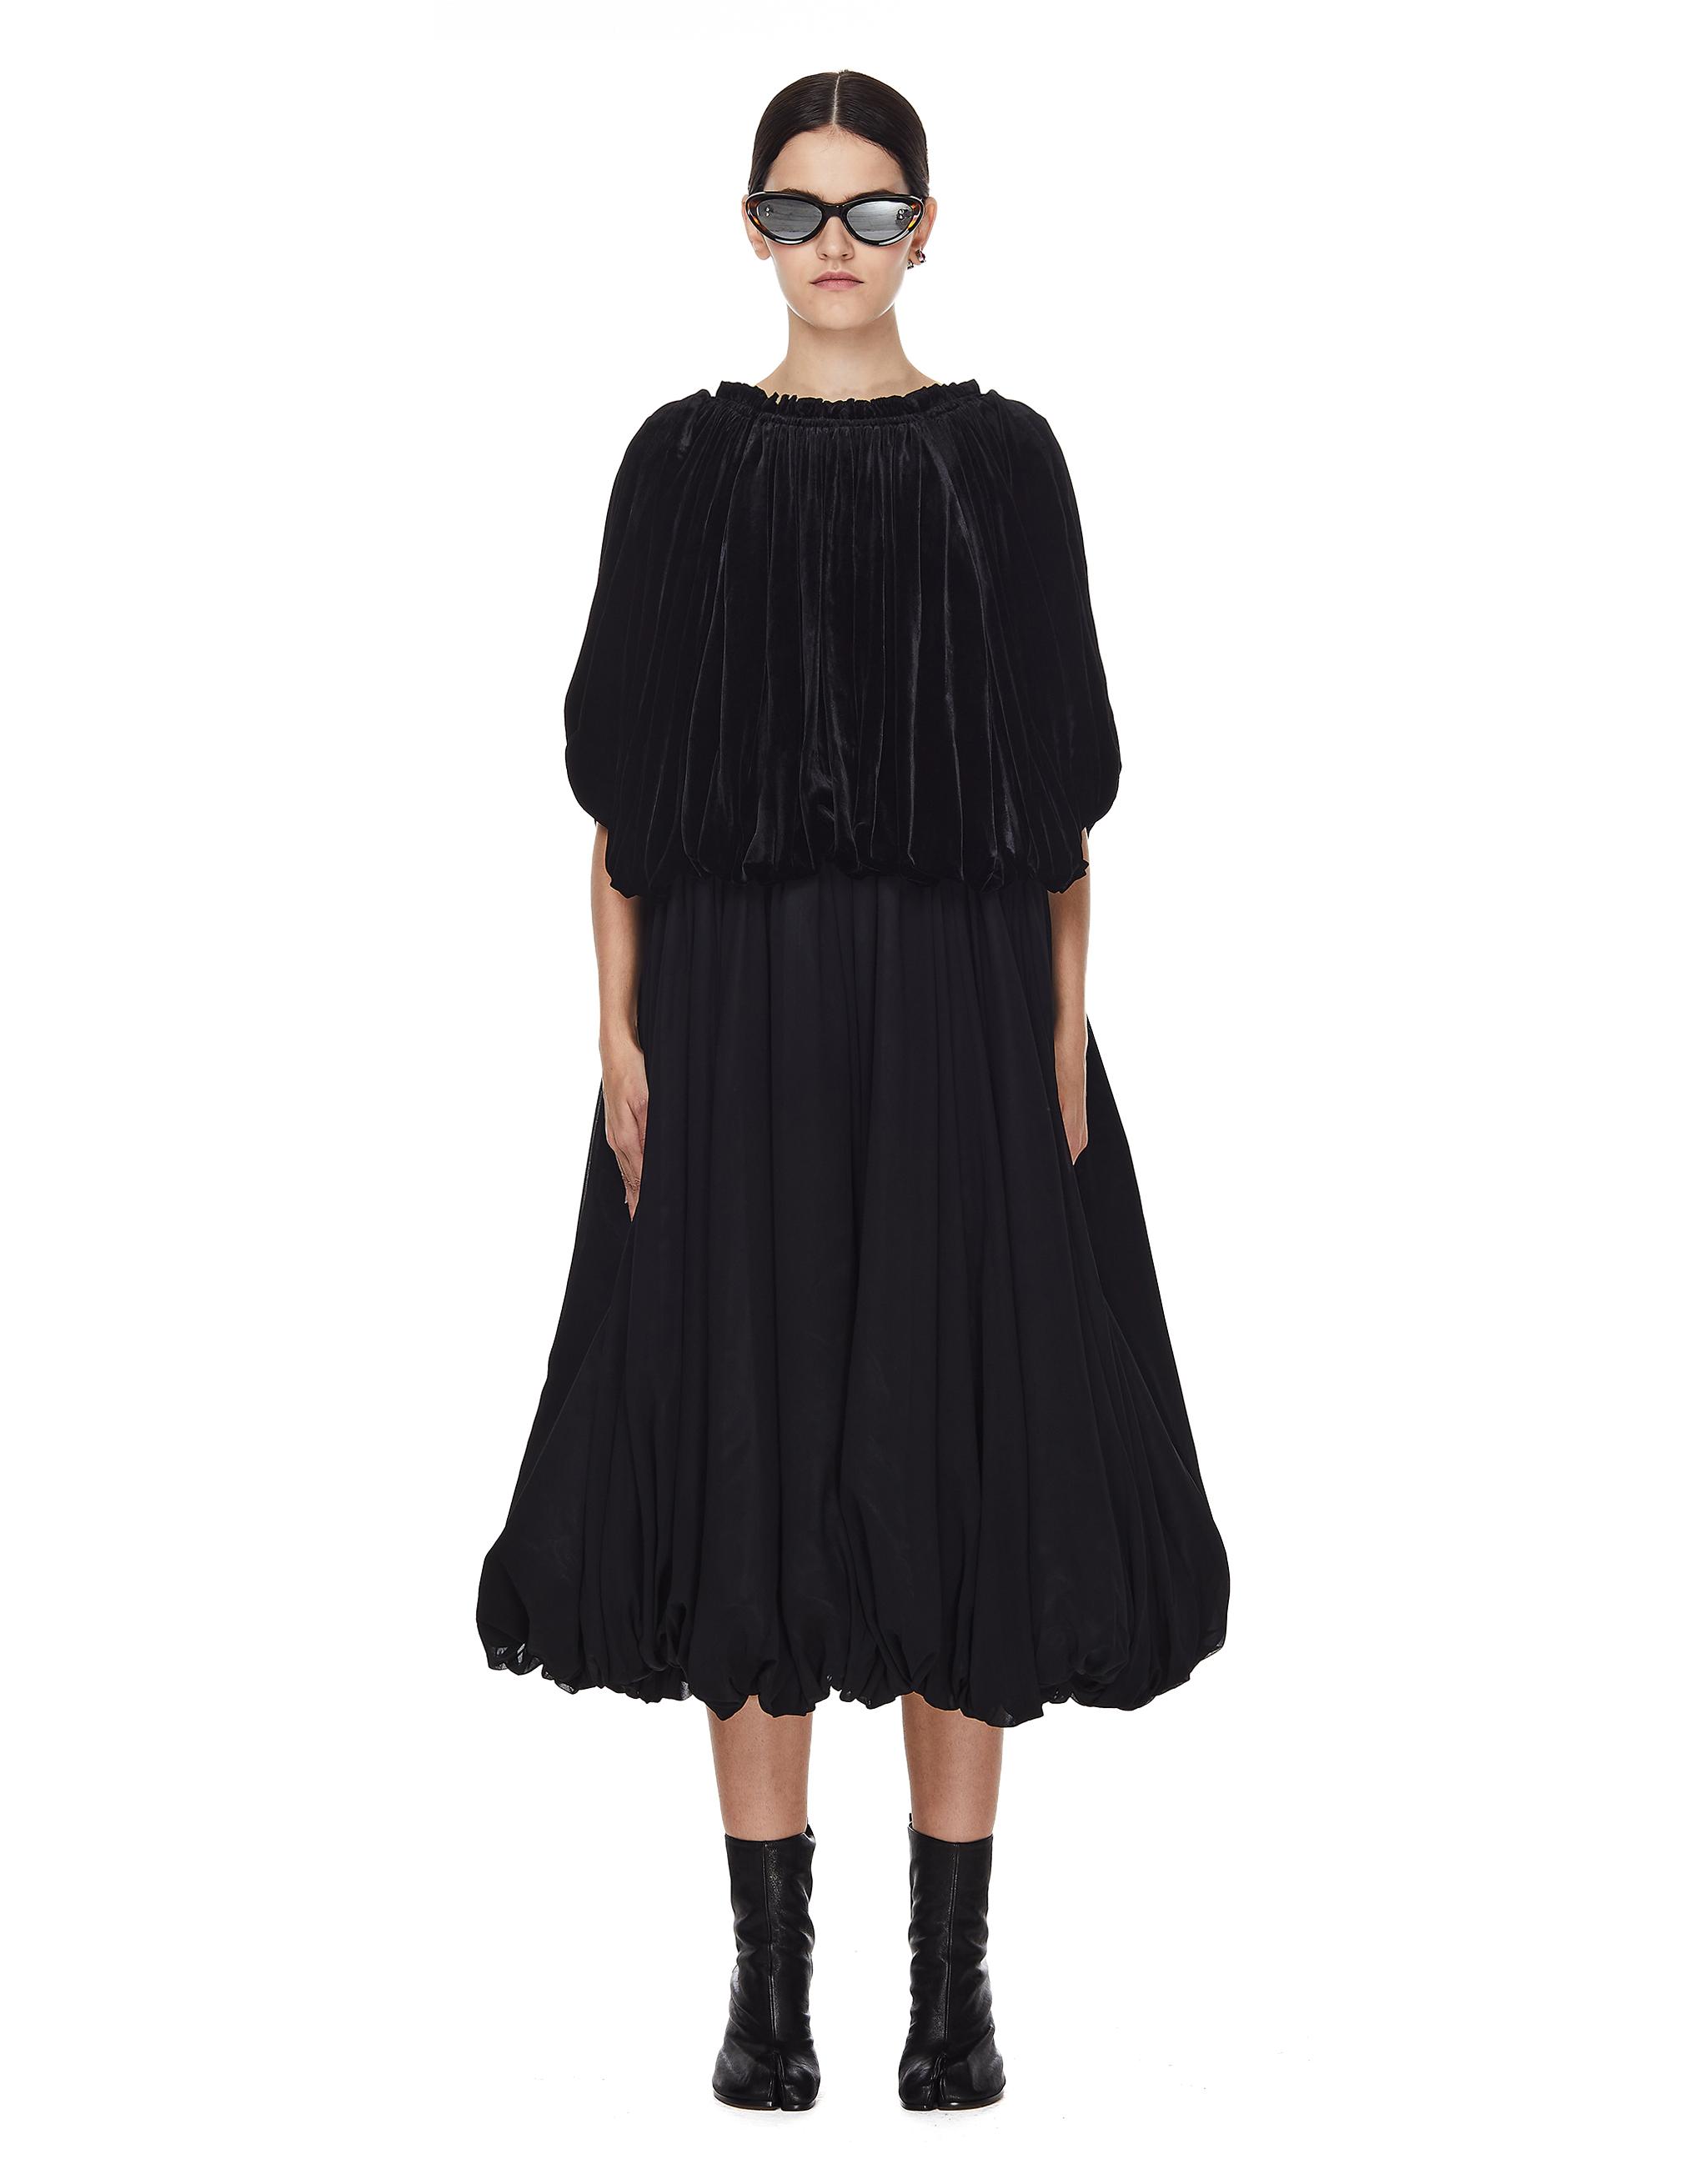 Comme des Garcons Black Pleated Dress